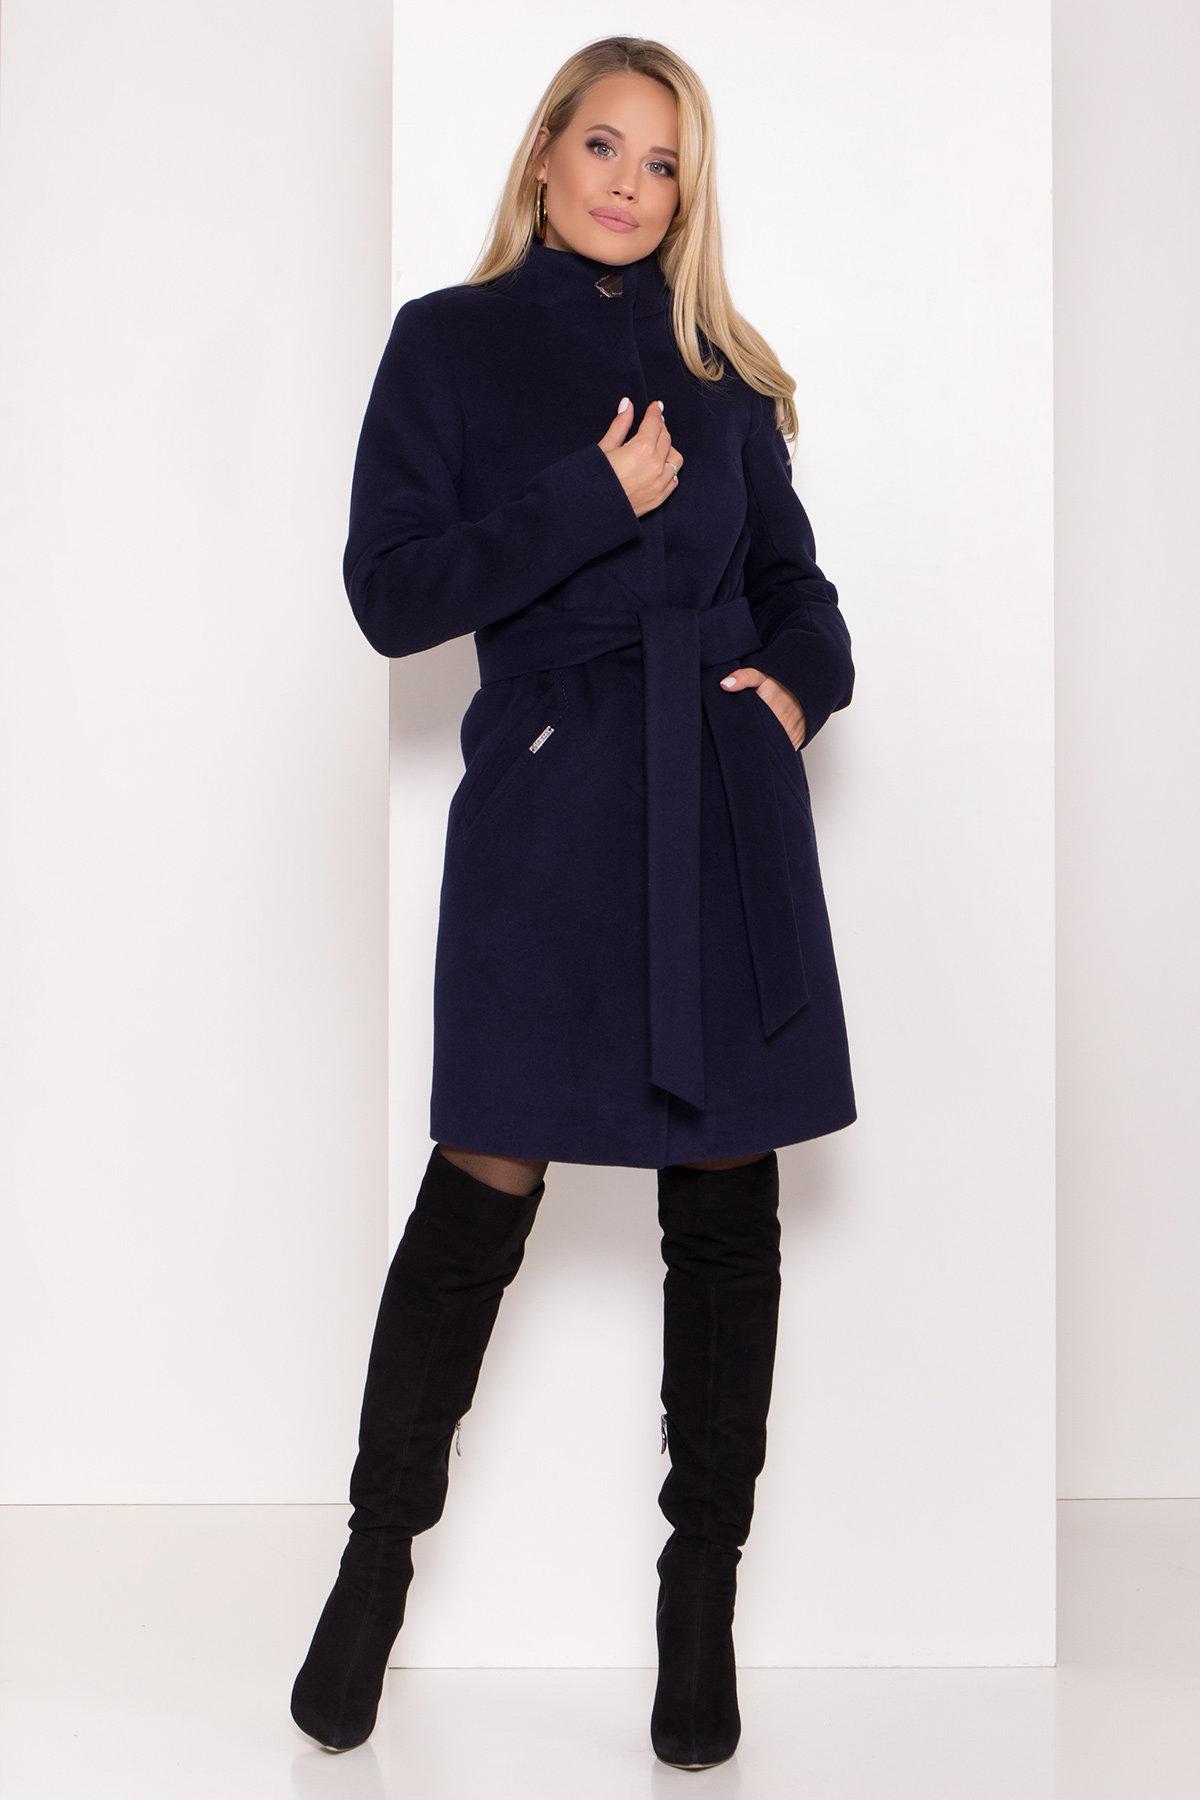 Пальто зима с хомутом Люцея 8211 АРТ. 44224 Цвет: Т.синий Н-14 - фото 13, интернет магазин tm-modus.ru